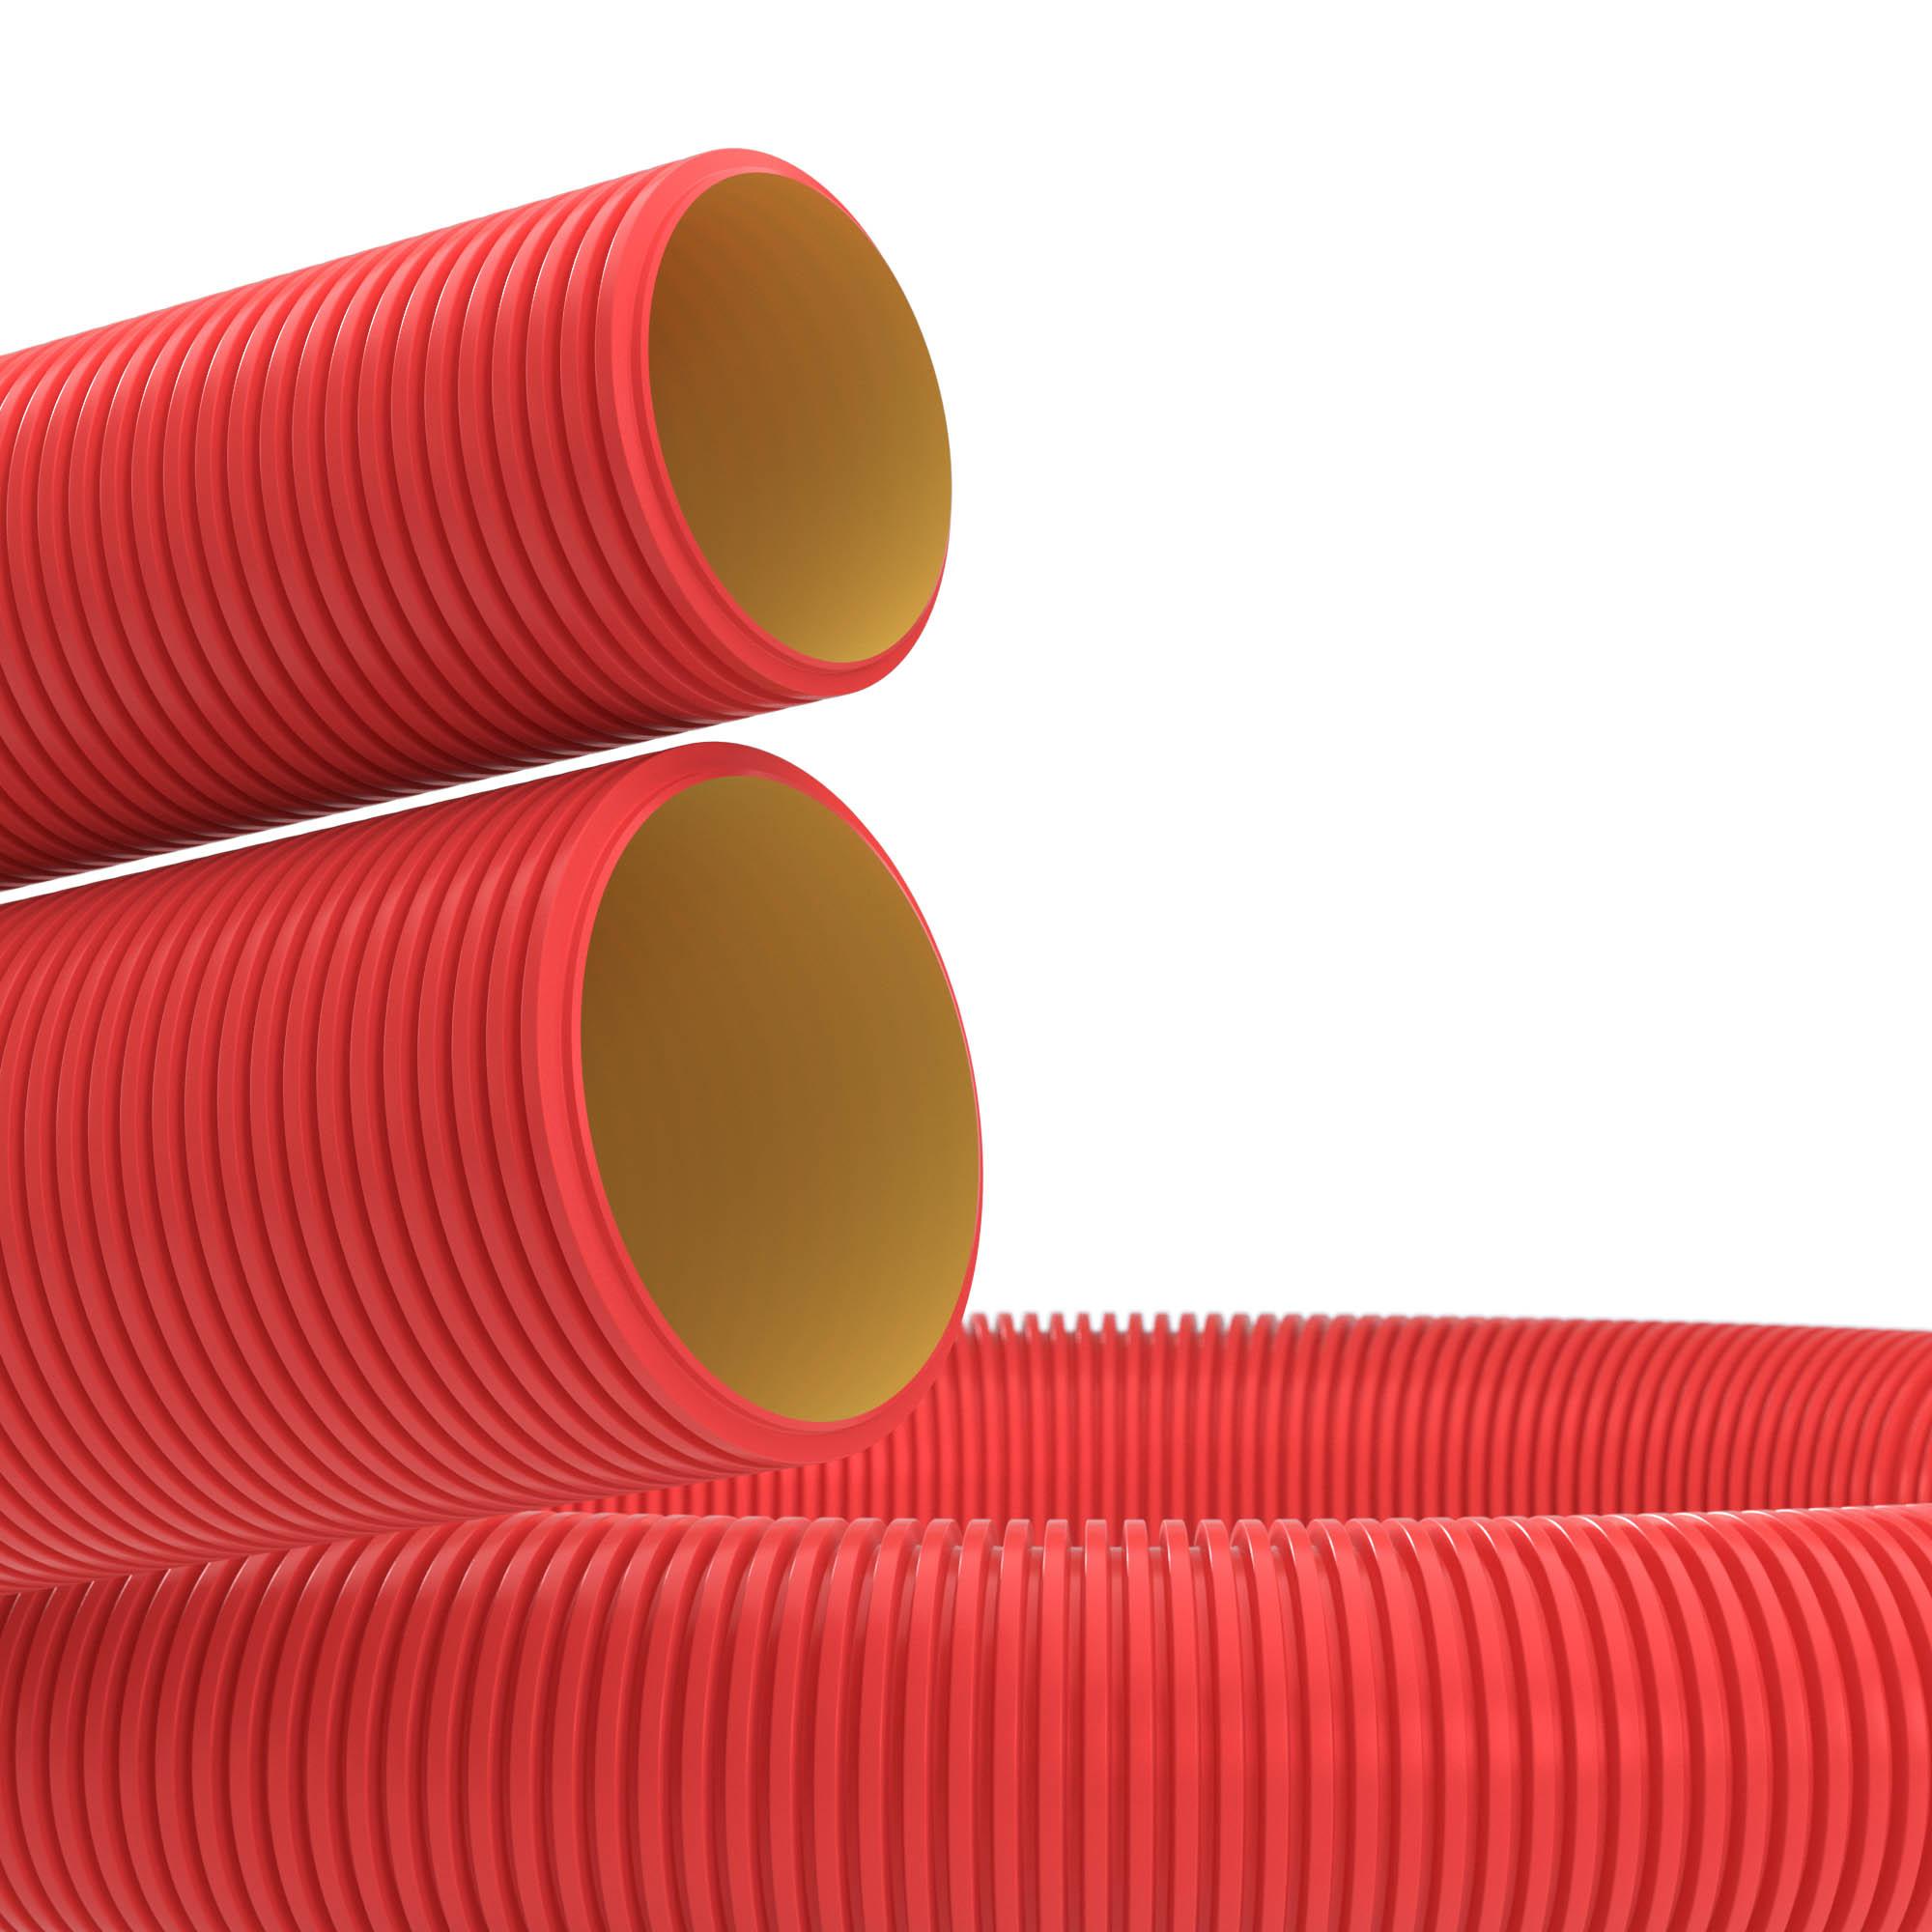 Двустенная труба ПНД гибкая для кабельной канализации d 200мм с протяжкой SN6 450Н красный